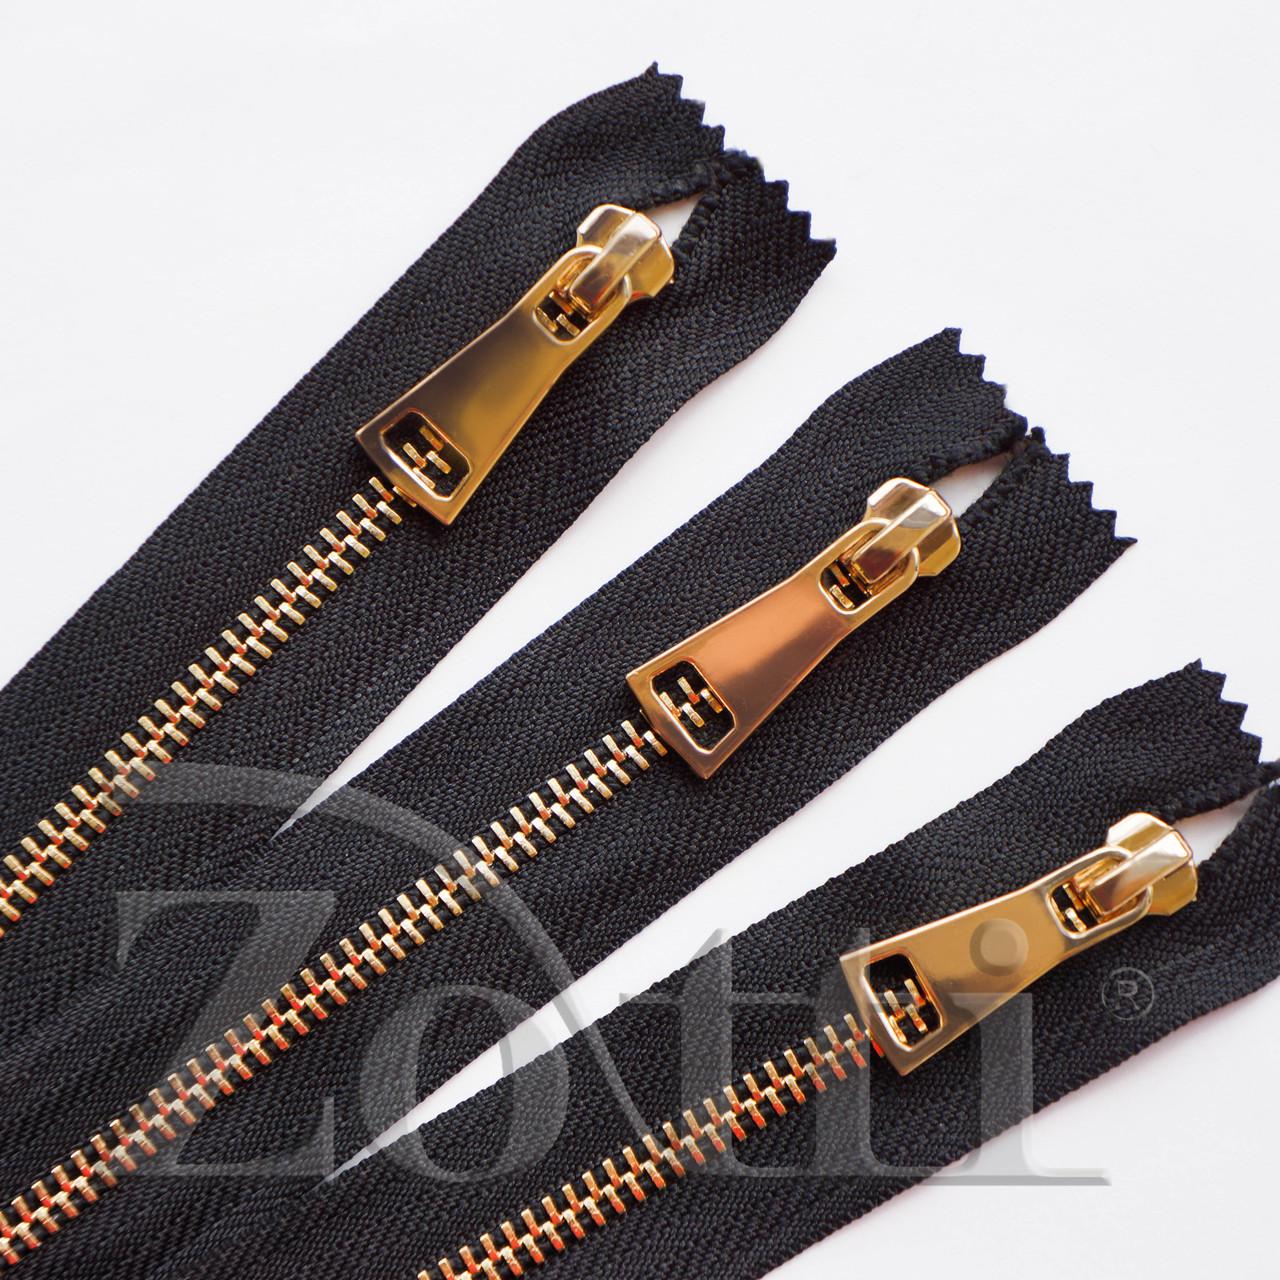 Молния (змейка,застежка) металлическая №5, размерная, обувная, черная, с золотым бегунком № 115 - 12 см